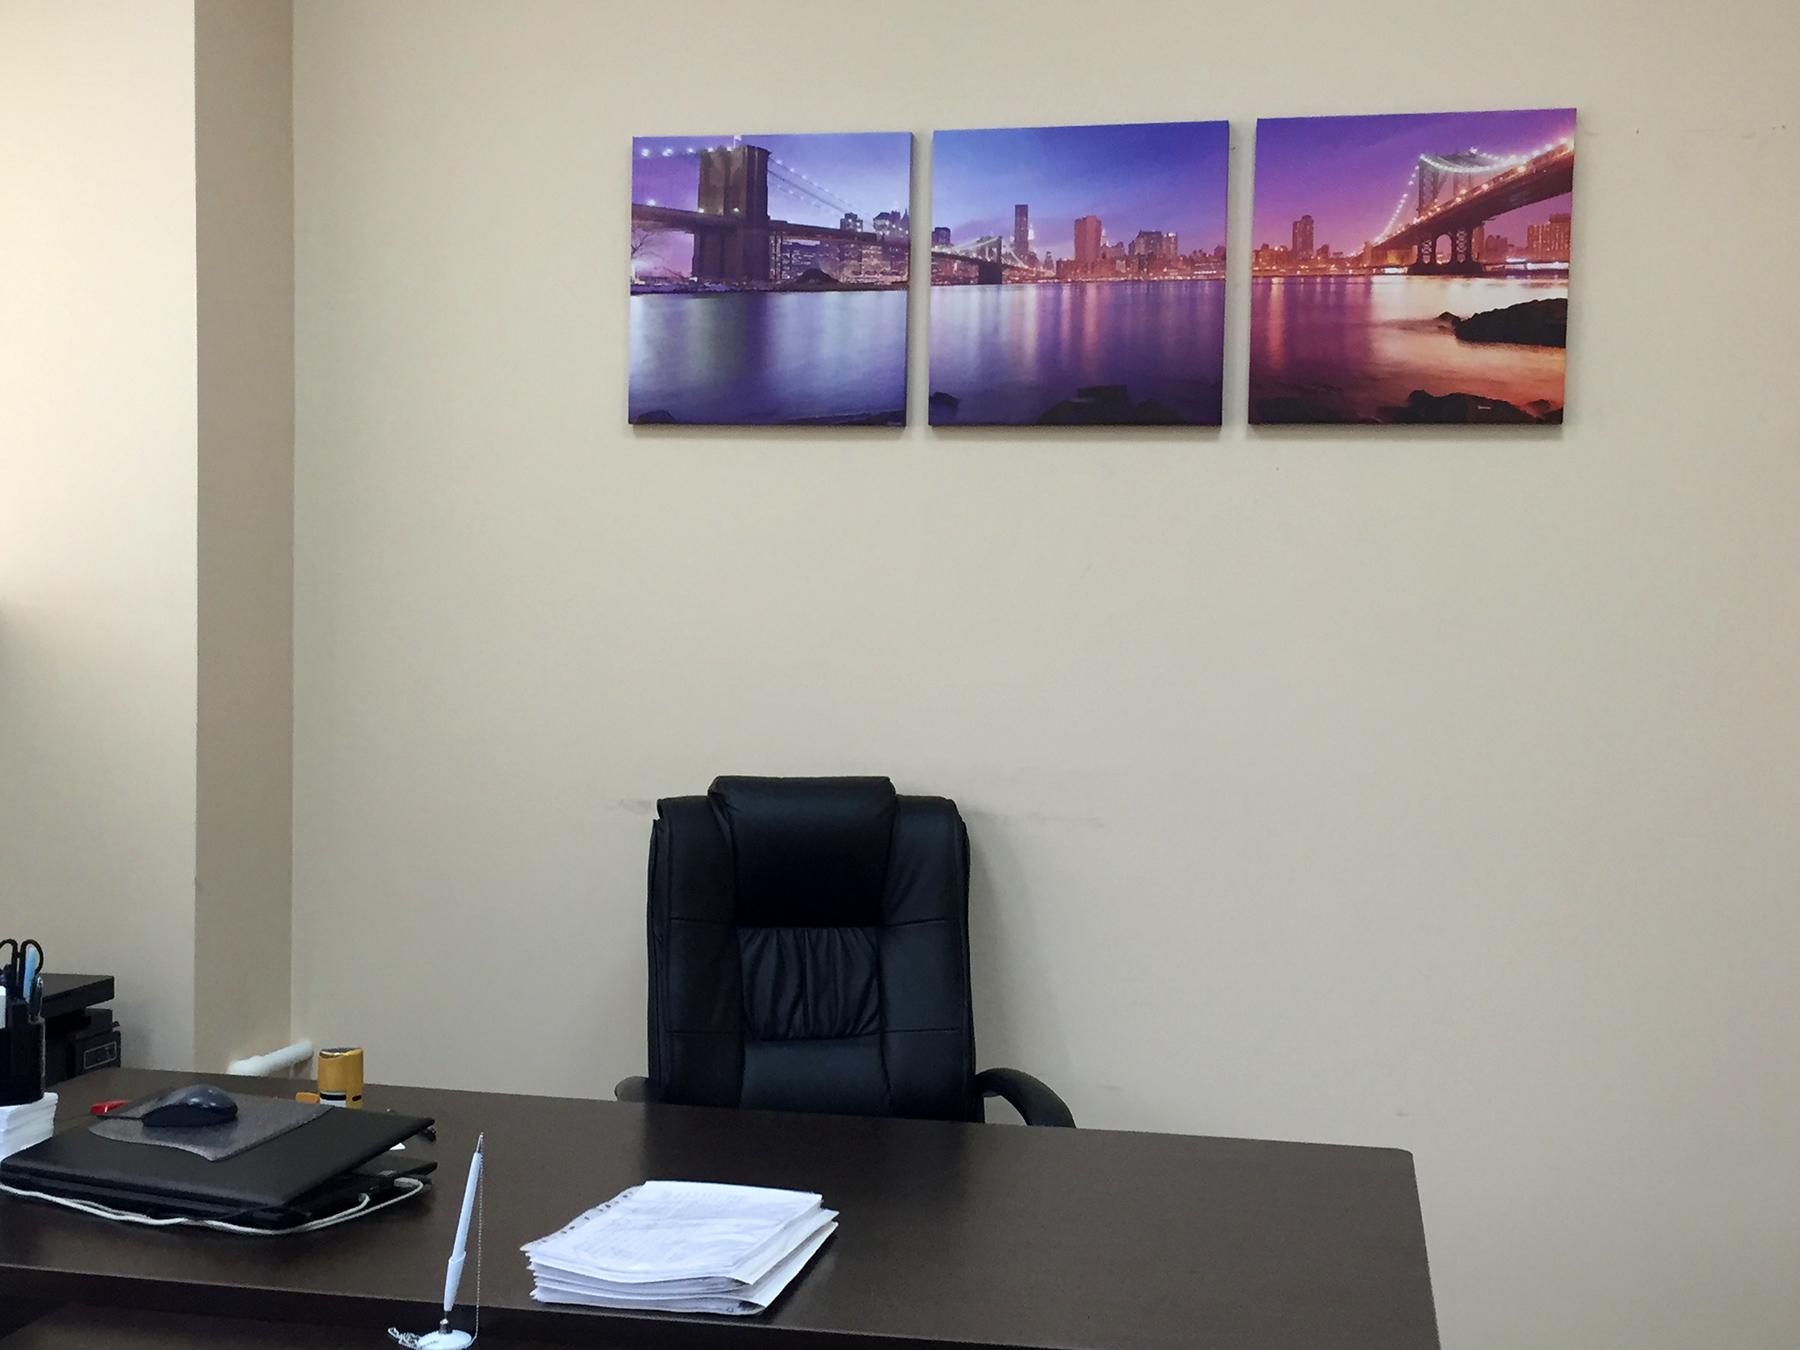 тебе постеры для интерьера офиса фото станут мягкими эластичным